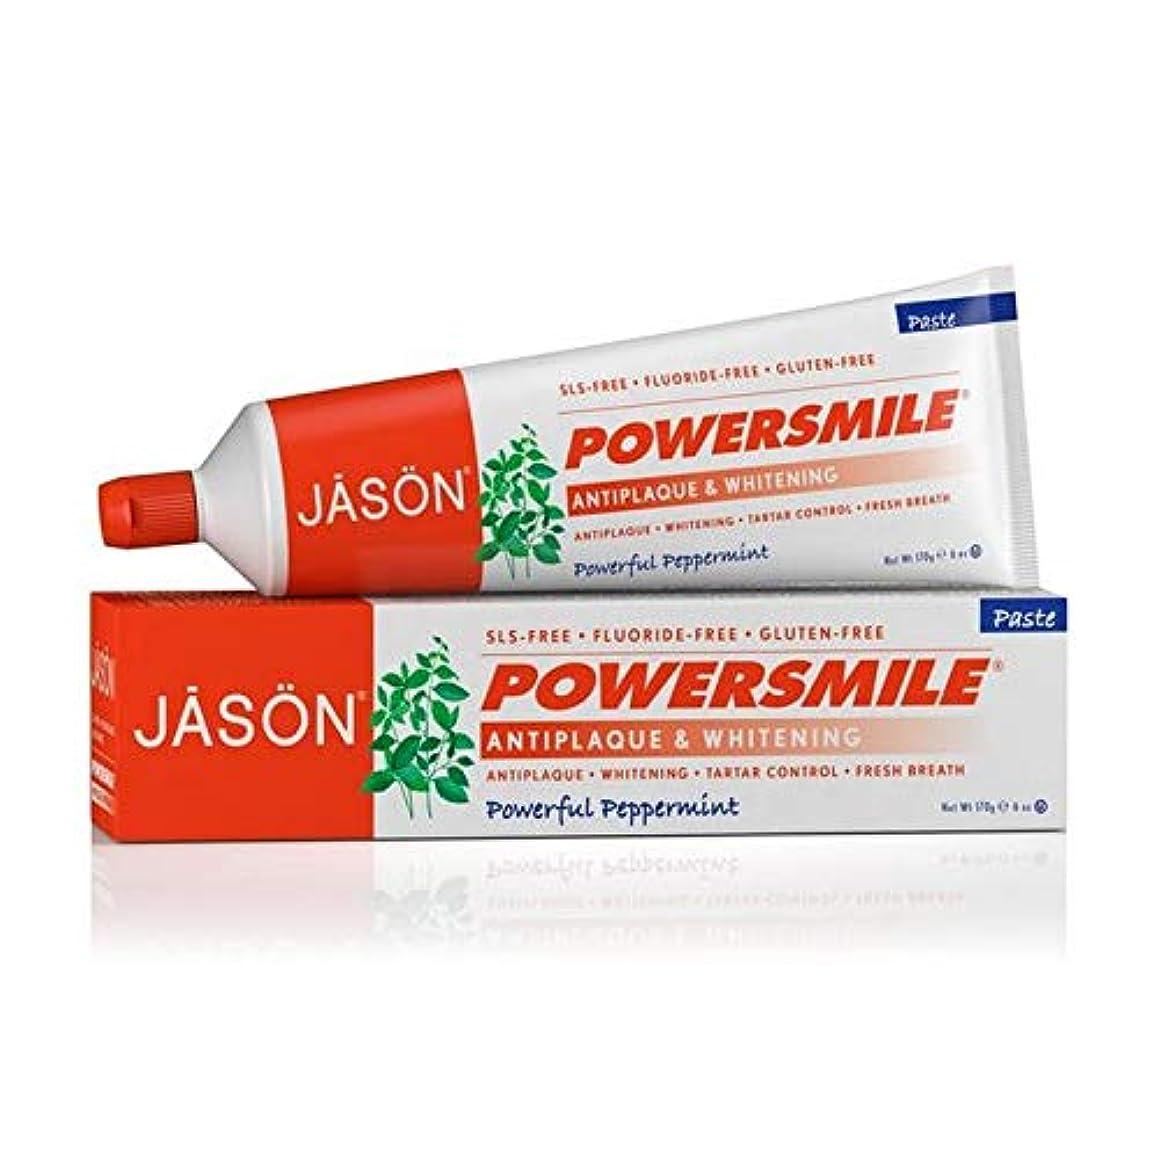 起きている自発的助言[Jason ] ジェイソンPowersmile歯磨き粉の170グラム - Jason Powersmile Toothpaste 170g [並行輸入品]